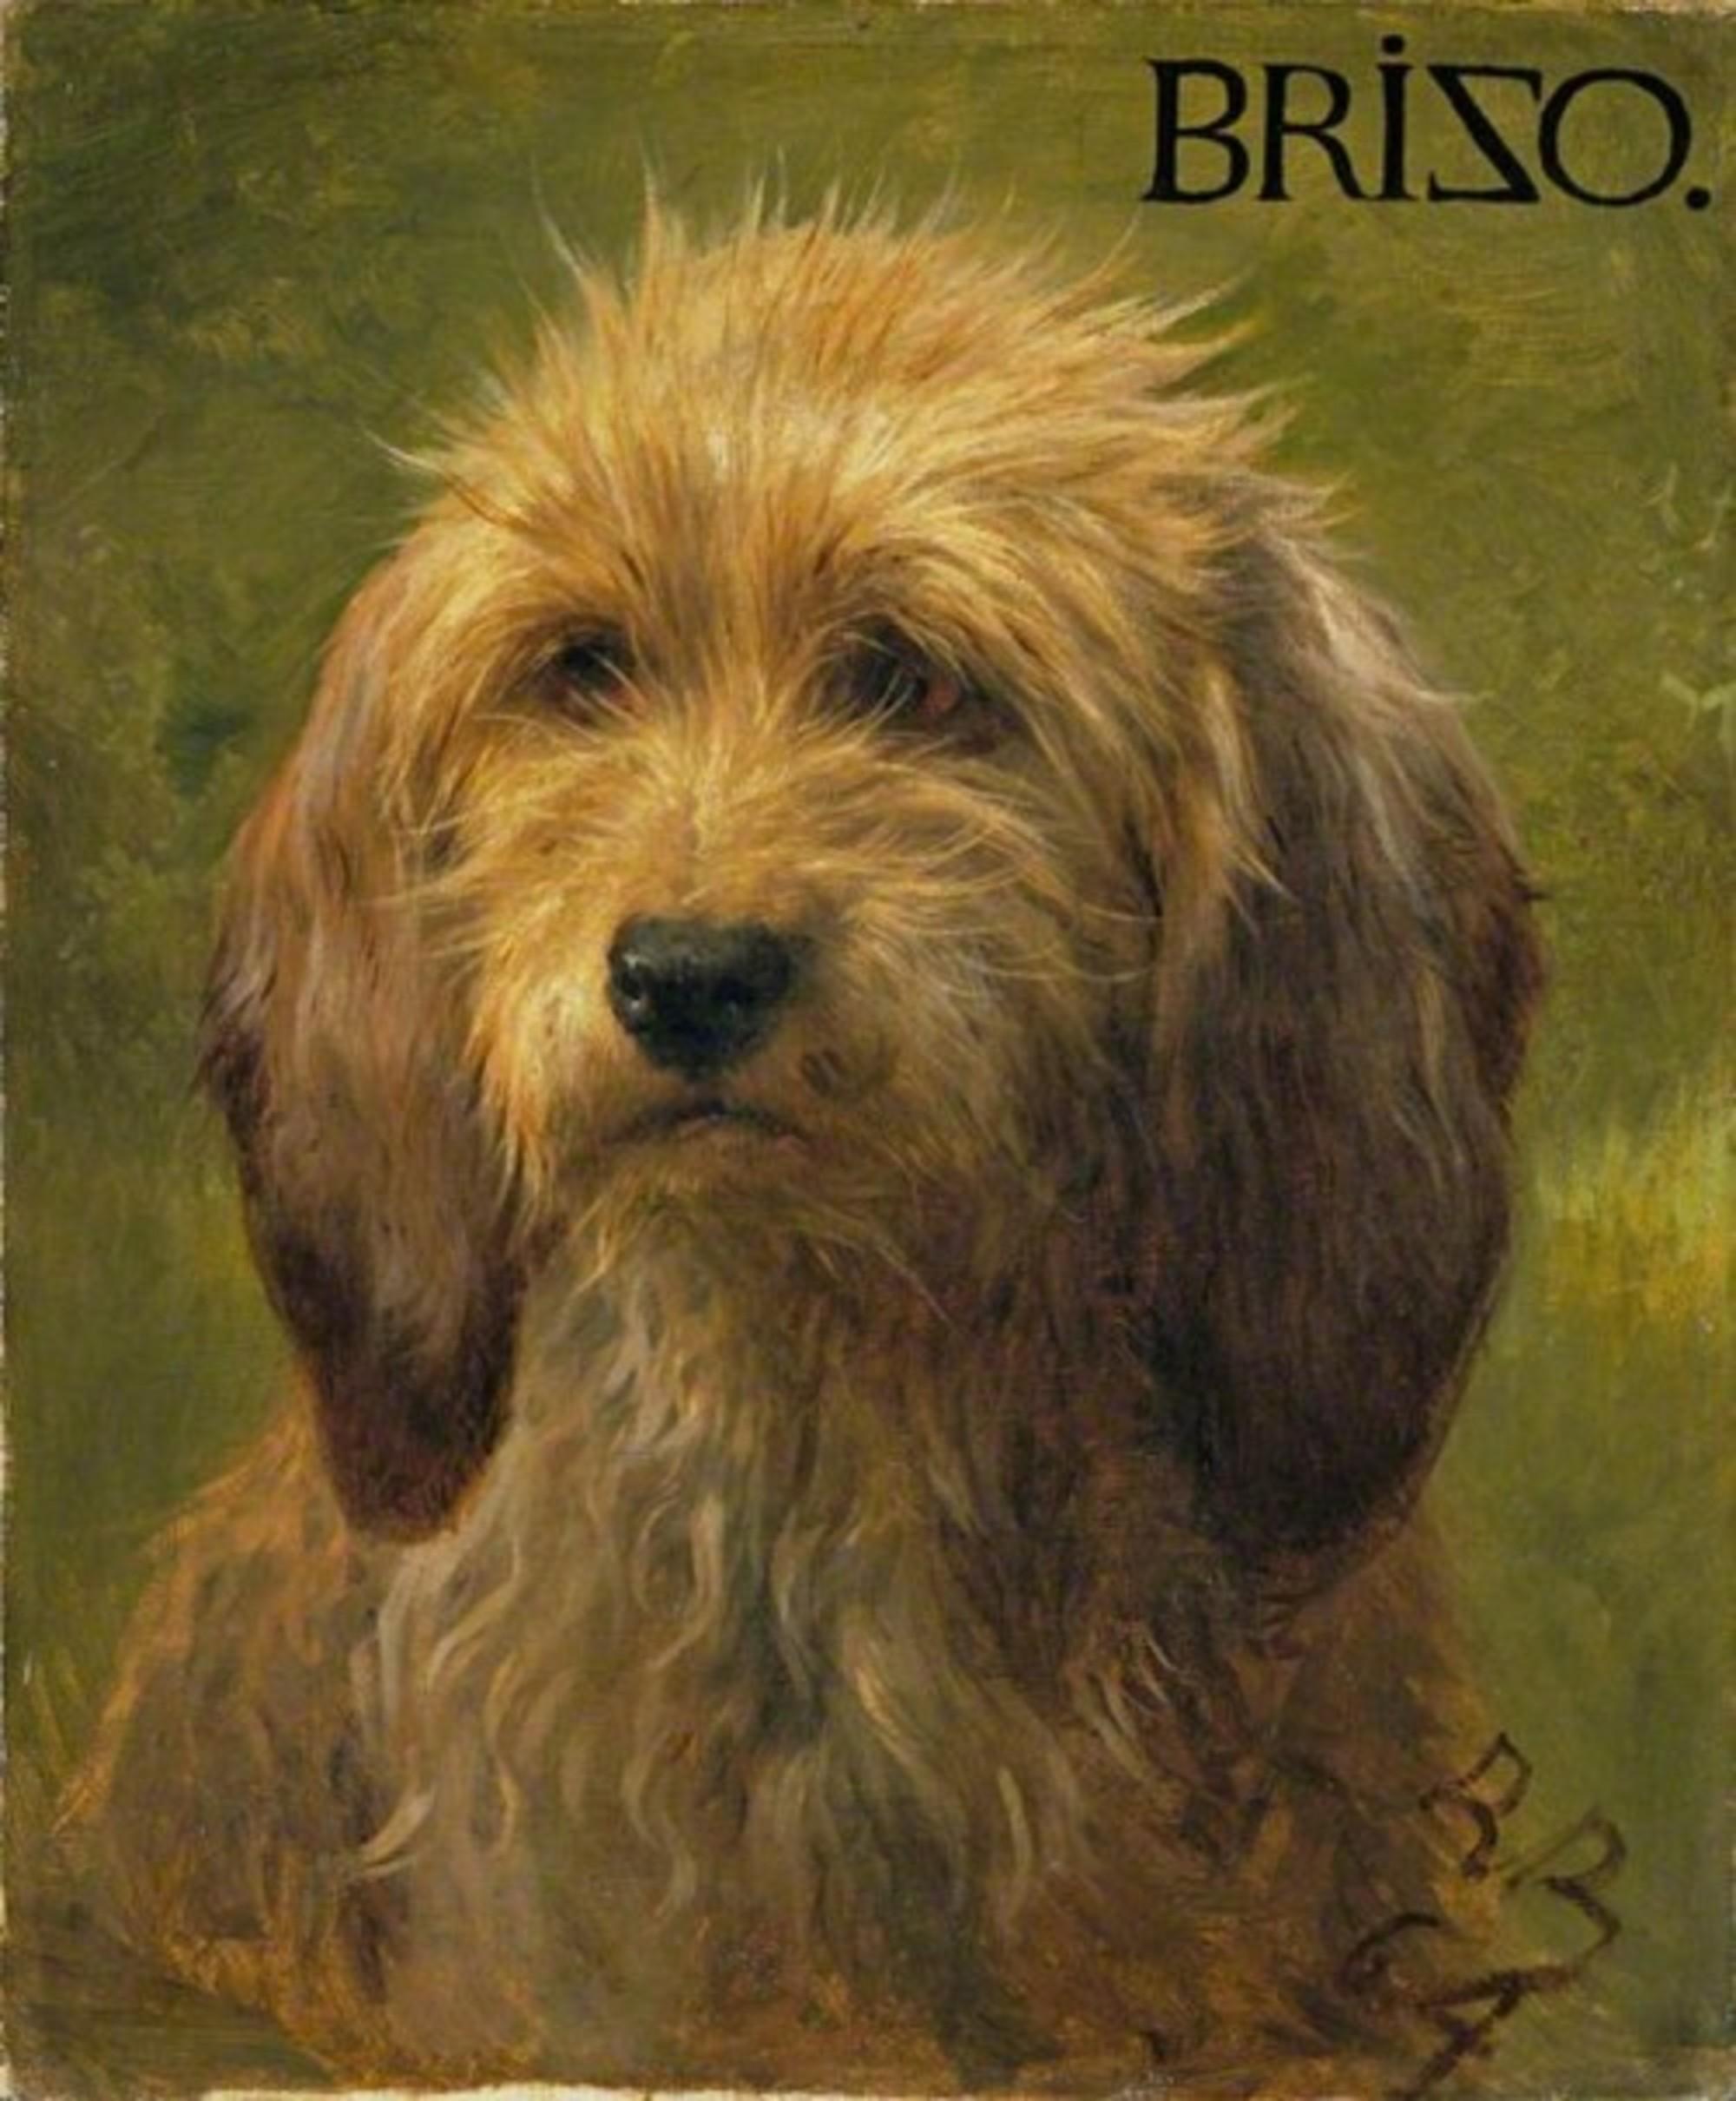 Rosa-Bonheur---Brizo-the-dog.jpg